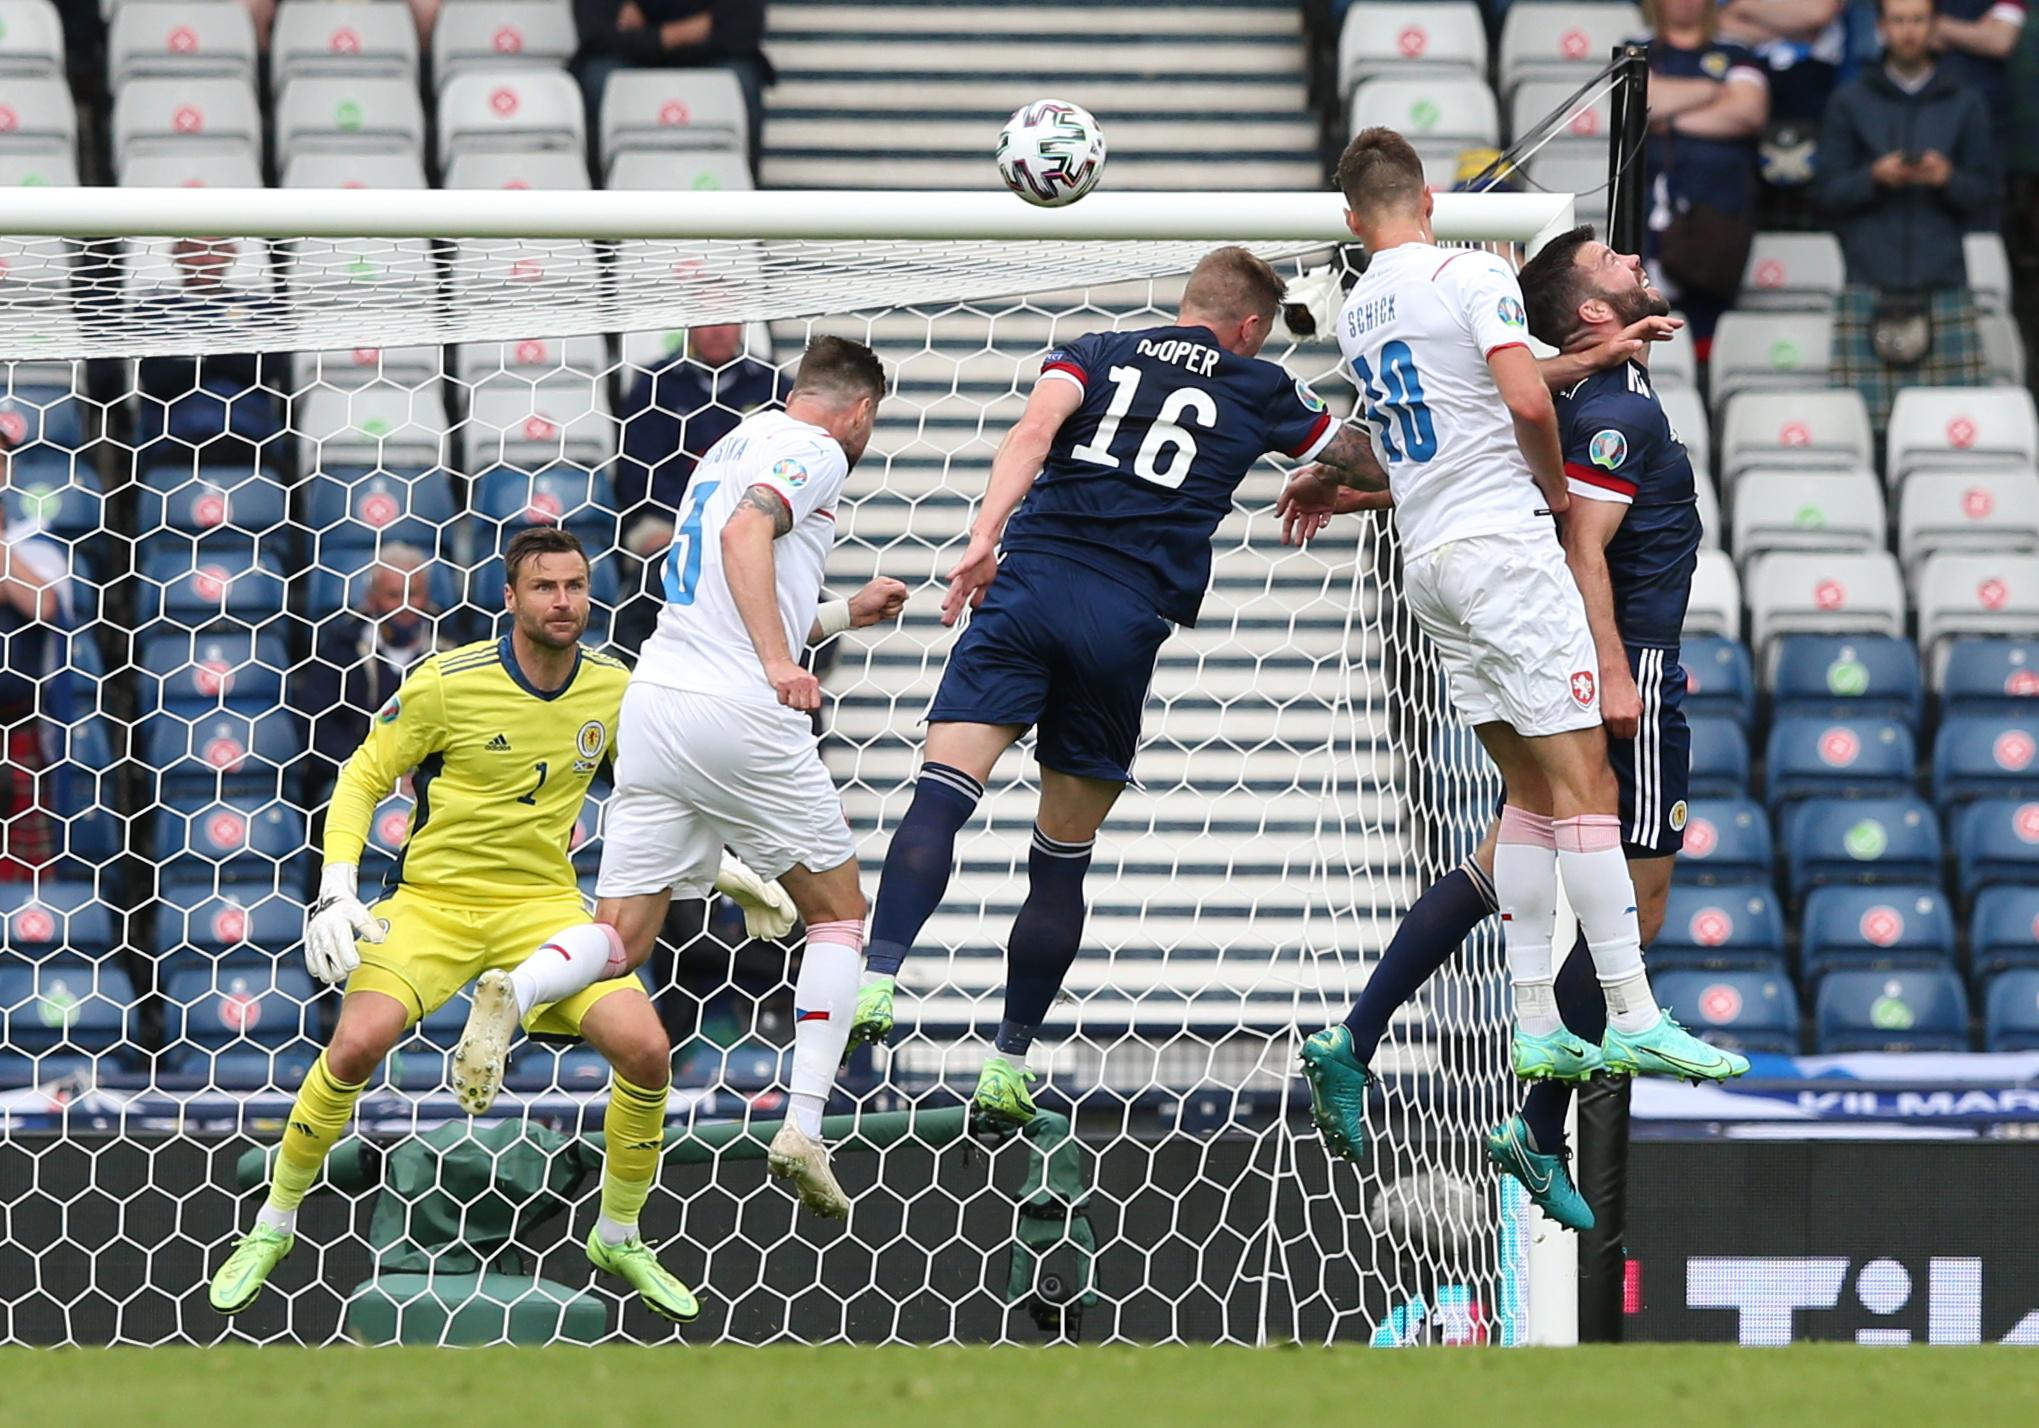 Σκωτία – Τσεχία: Οι χαμένες ευκαιρίες και το γκολ των φιλοξενούμενων